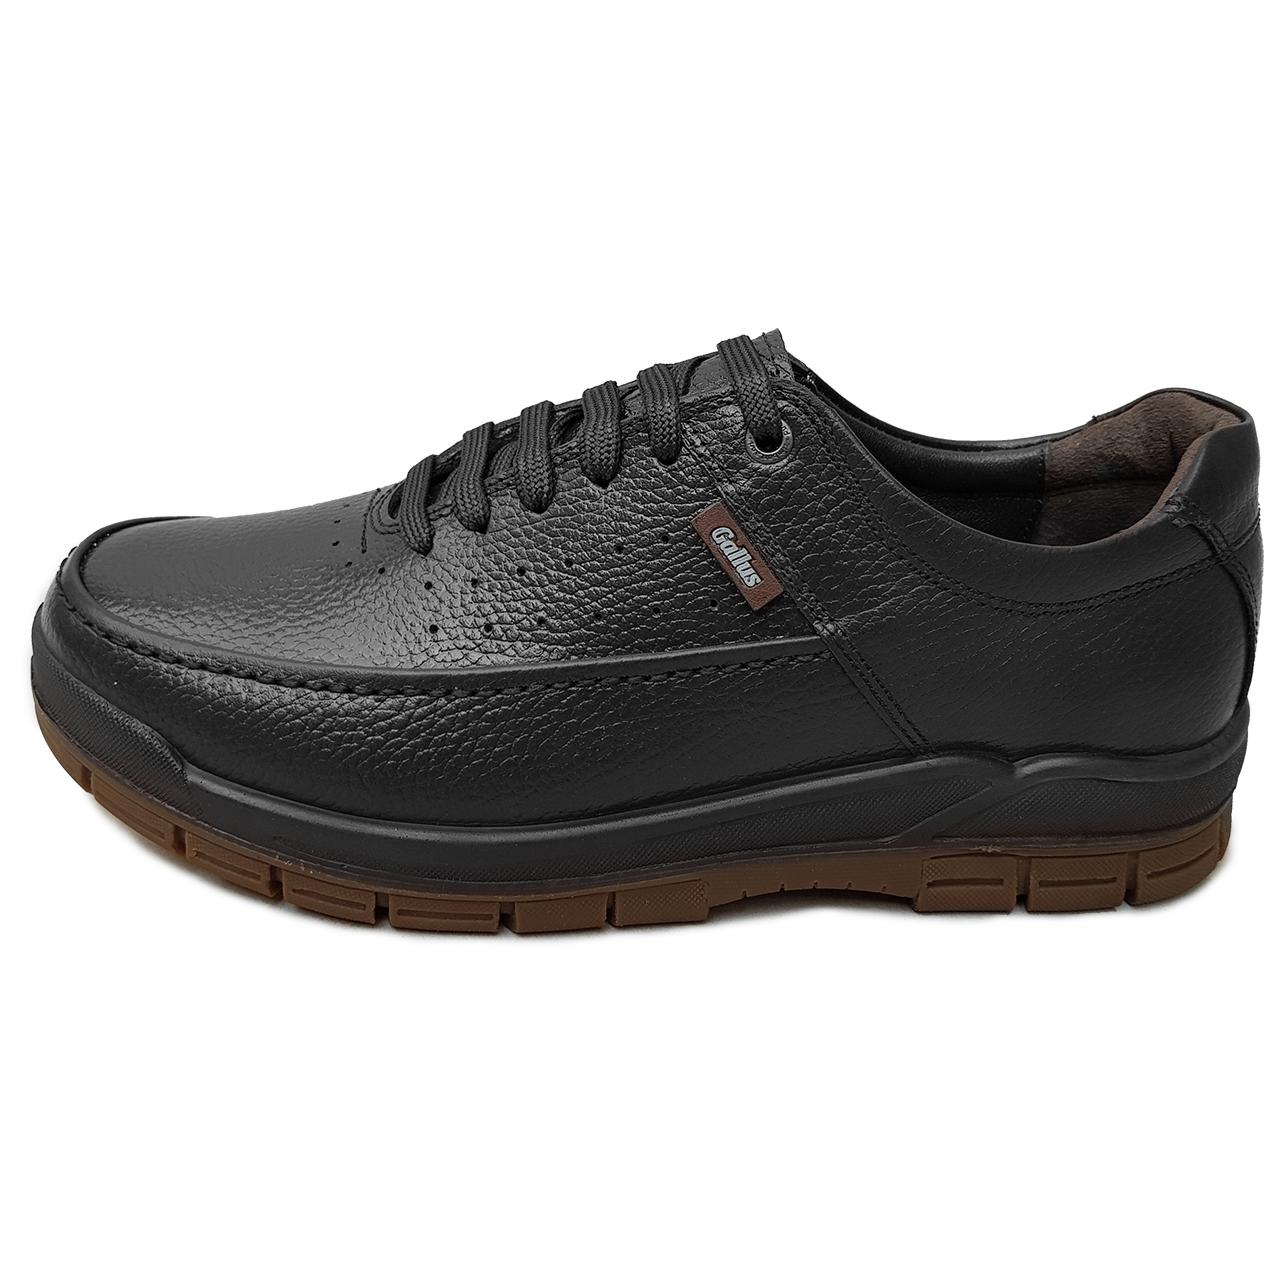 کفش مردانه چرم دیاکو مدل gallus-bandi-mesh